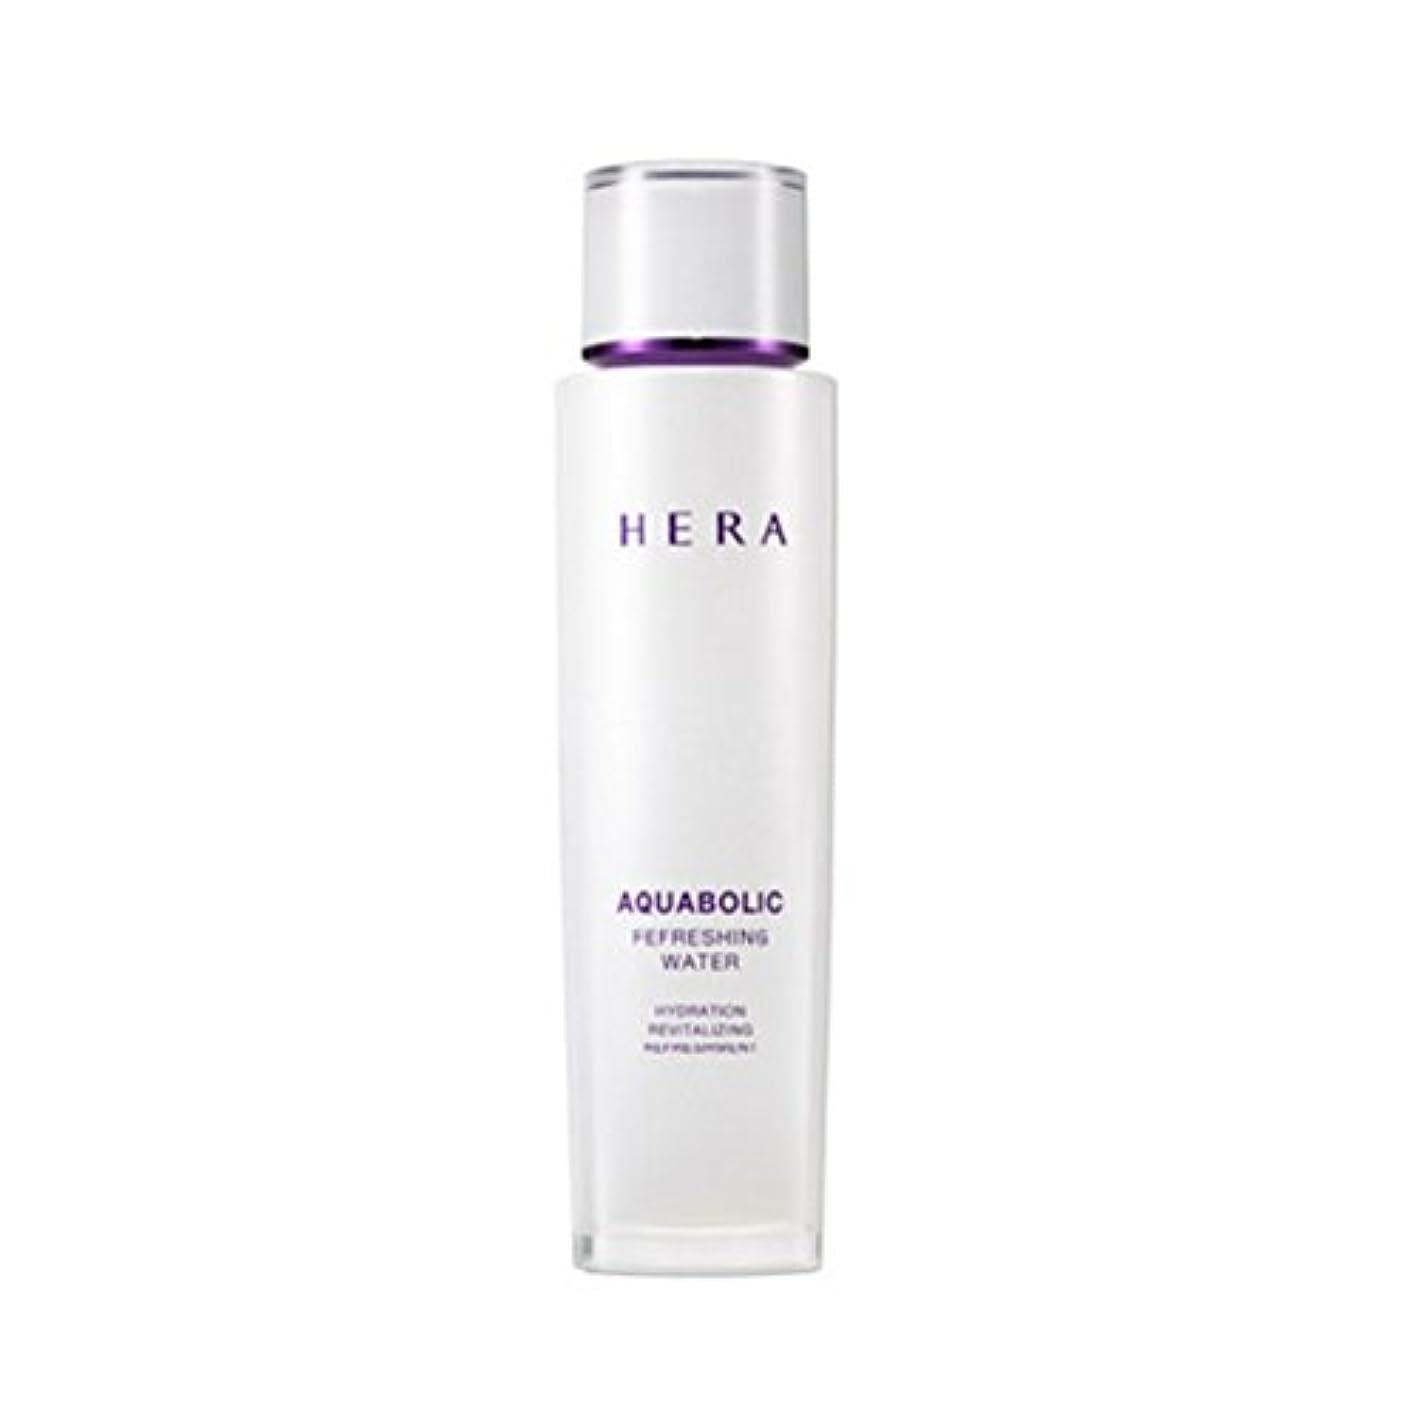 標準恥休憩する(ヘラ) HERA Aquabolic Refreshing Water アクアボリックリフレッシュウォーター (韓国直発送) oopspanda